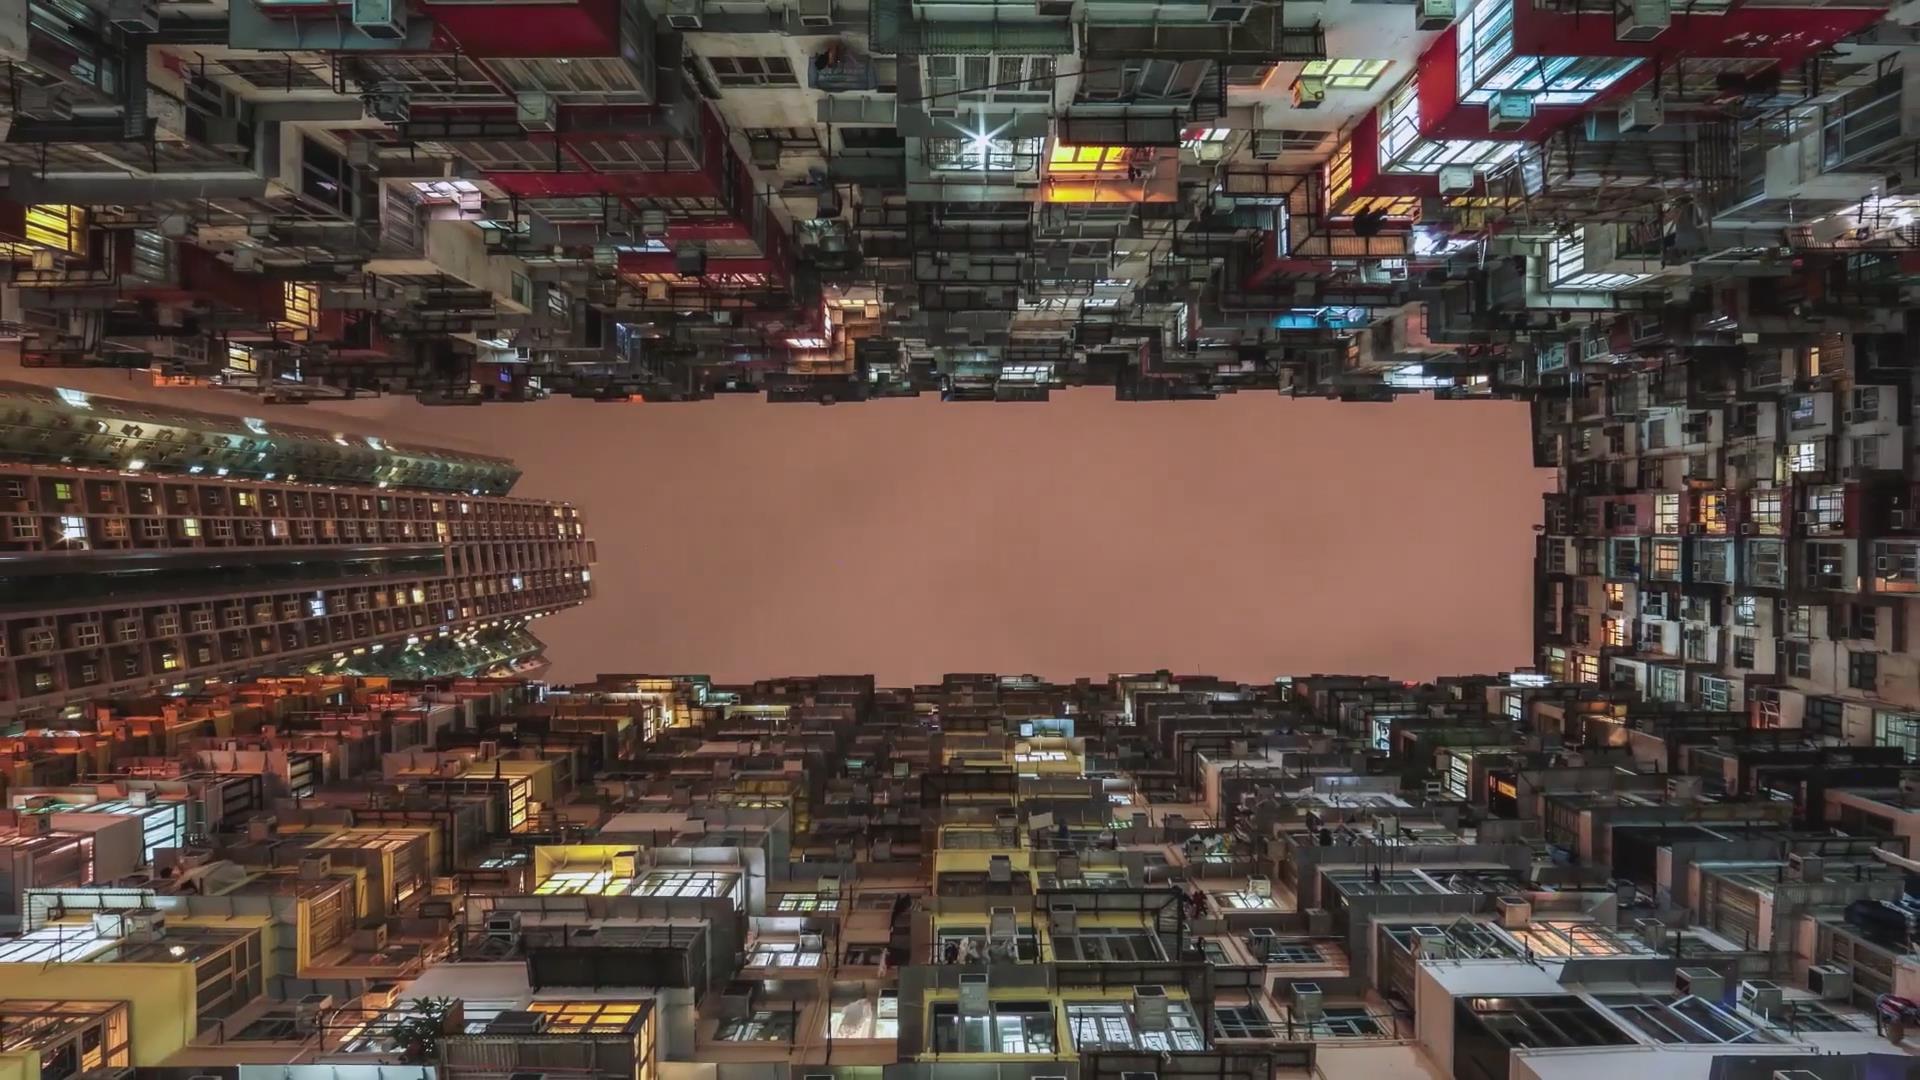 香港蜂窝住宅李小龙雕像港口延时夜景大海摩天轮电音节